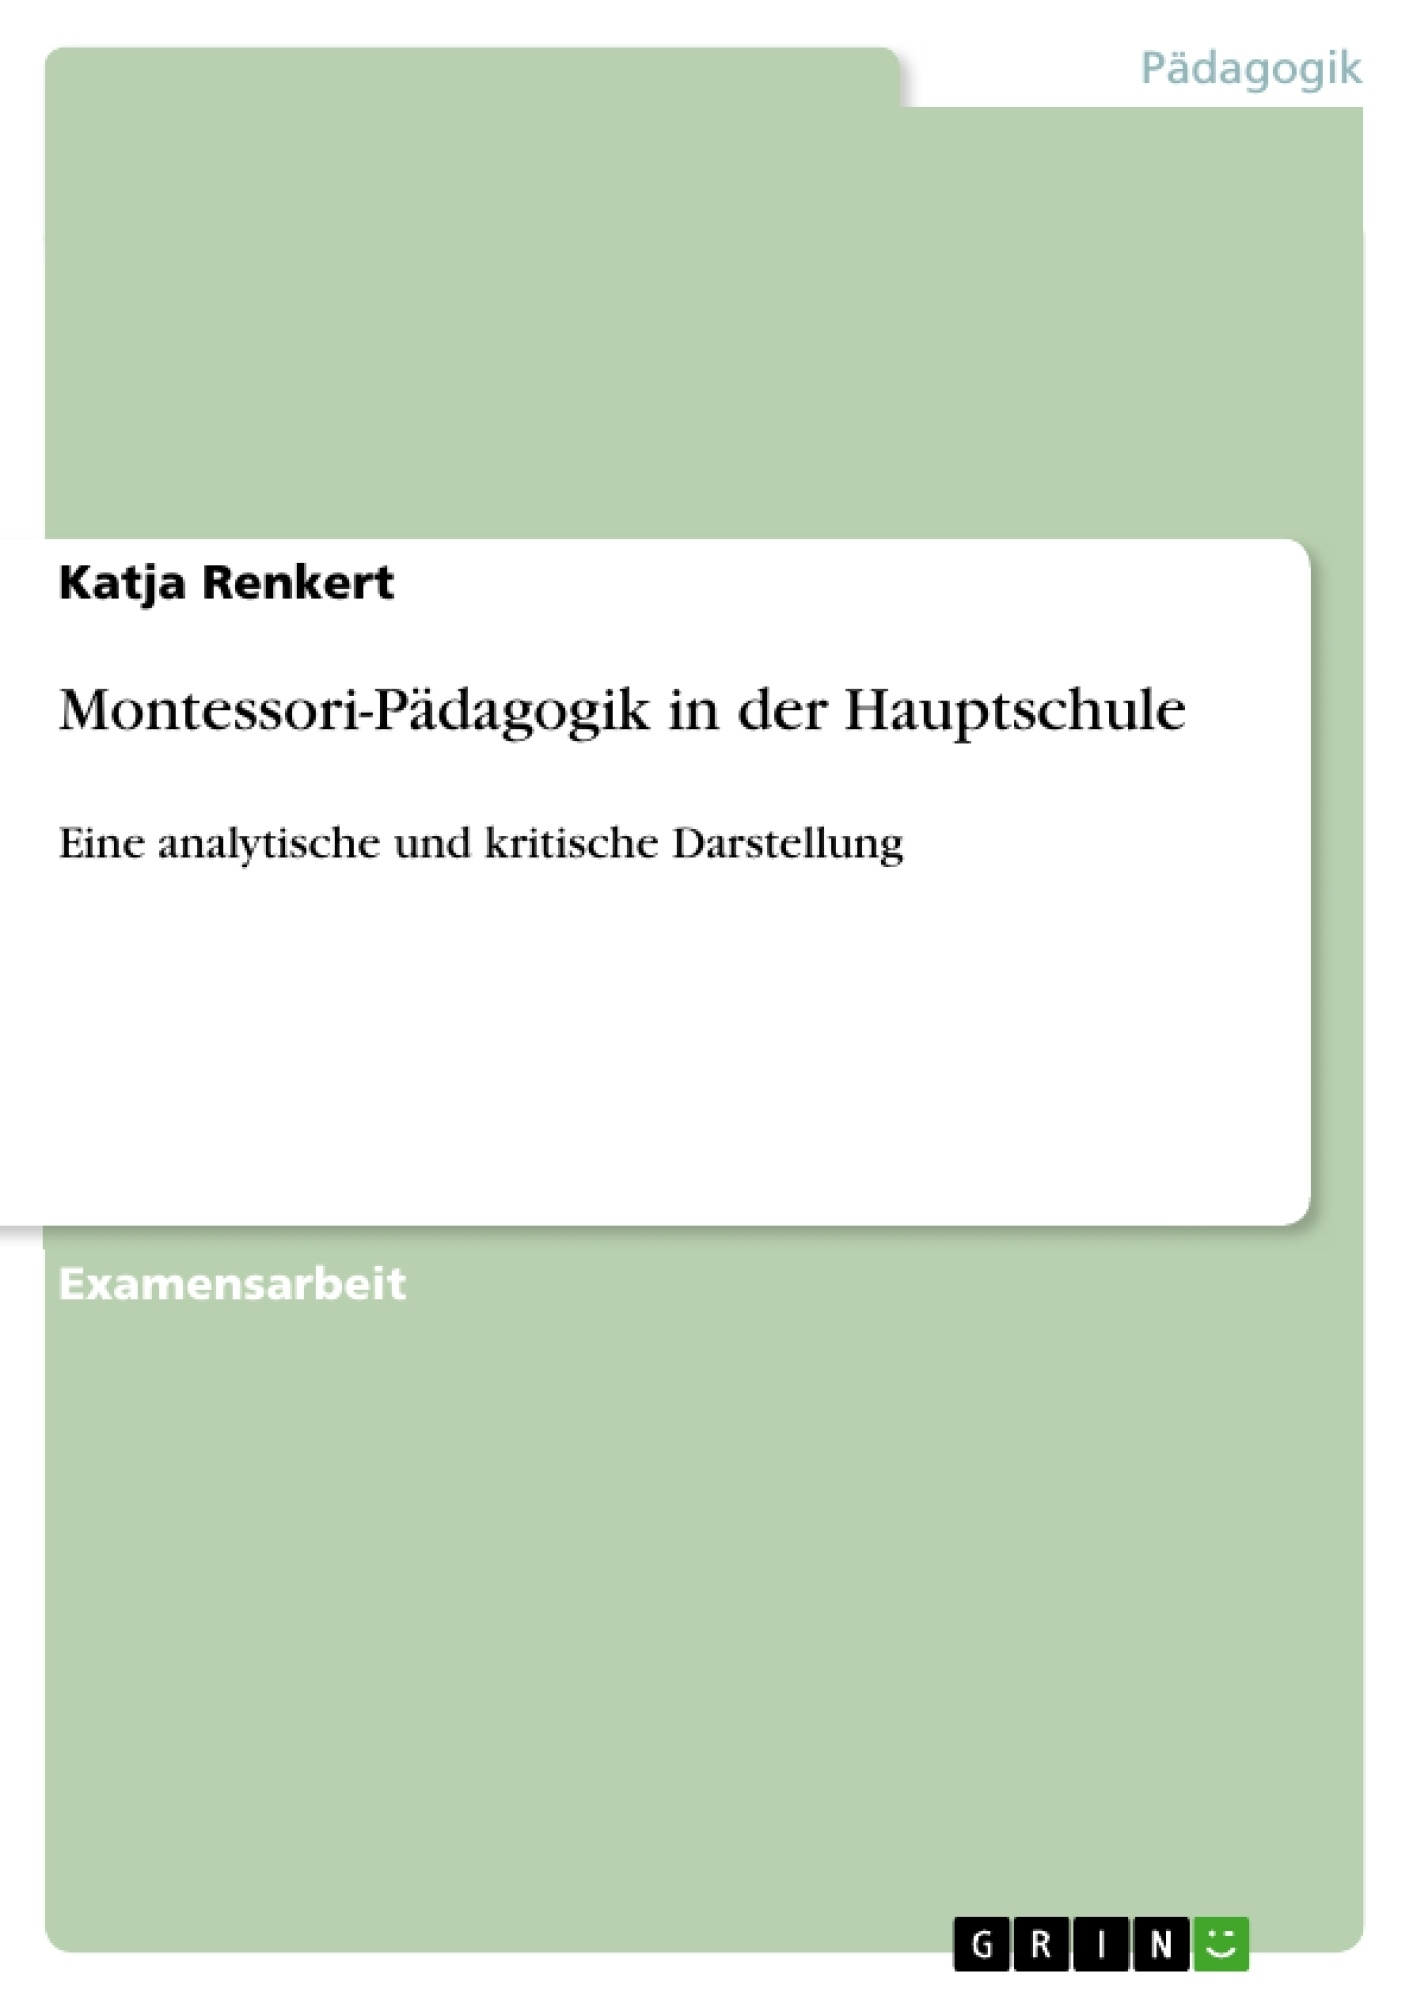 Titel: Montessori-Pädagogik in der Hauptschule